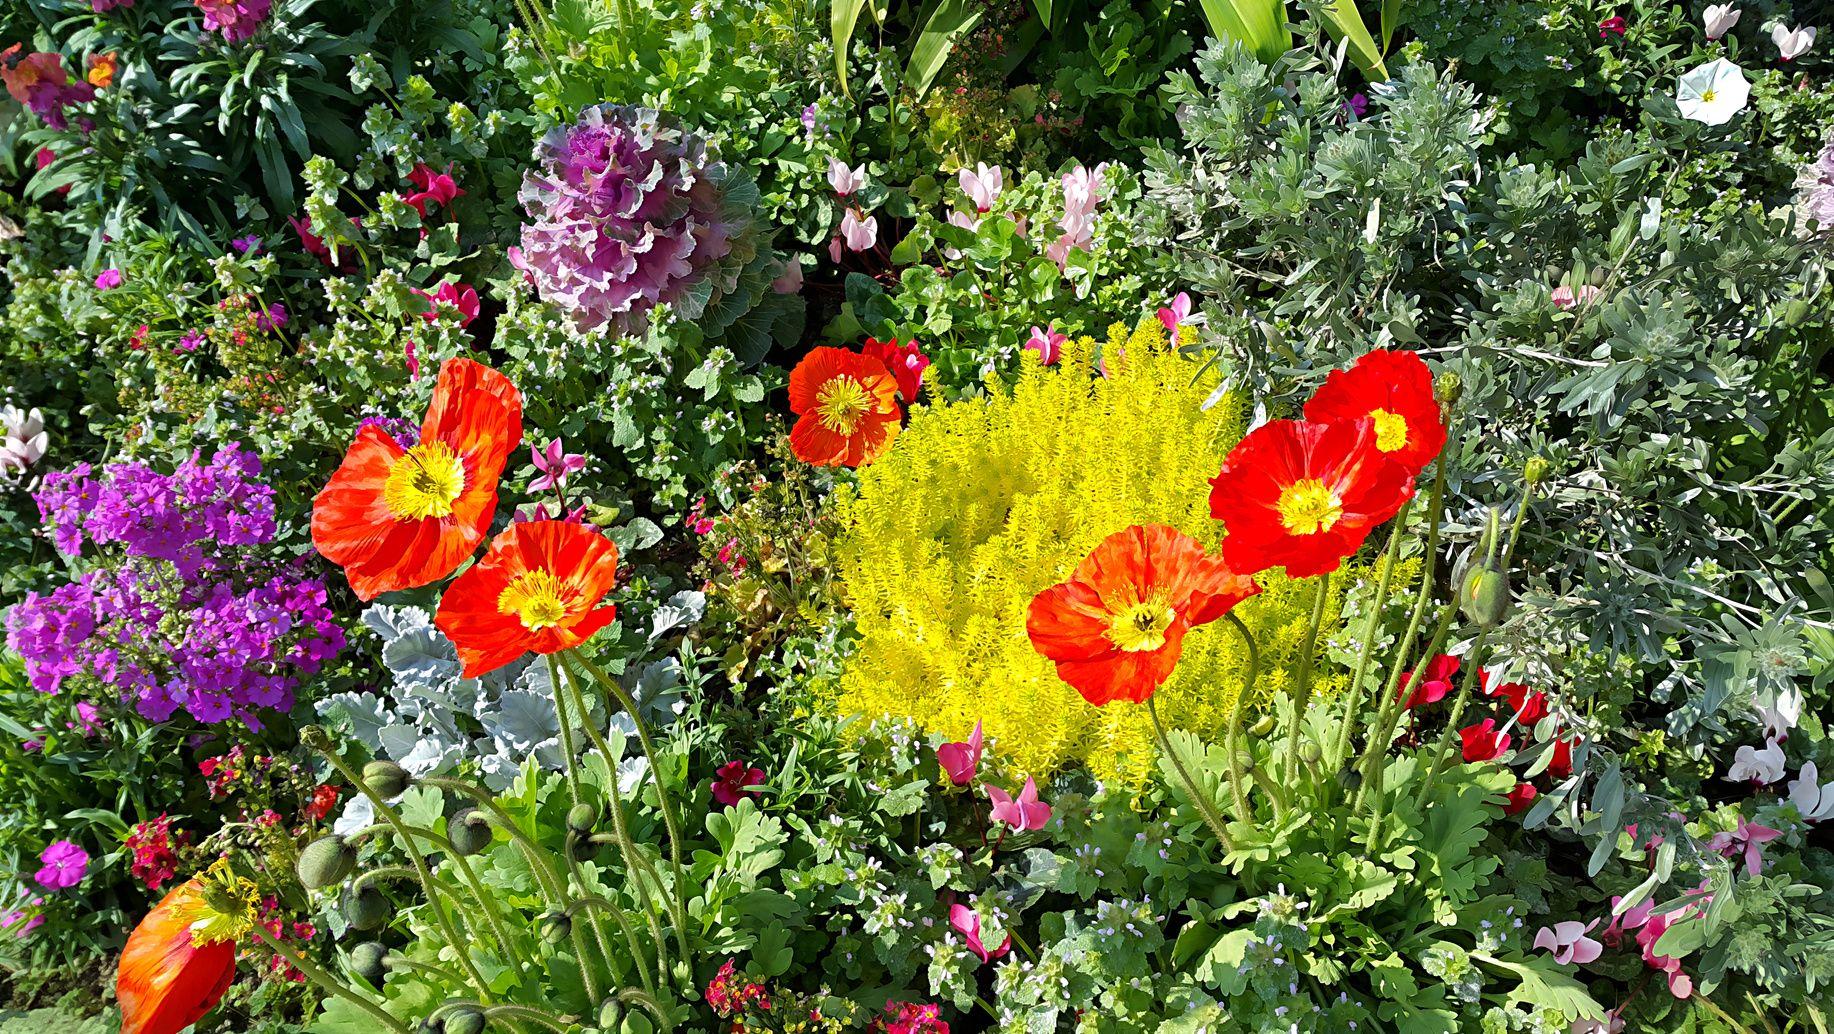 Comment créer des massifs fleuris et colorés pour pas cher?